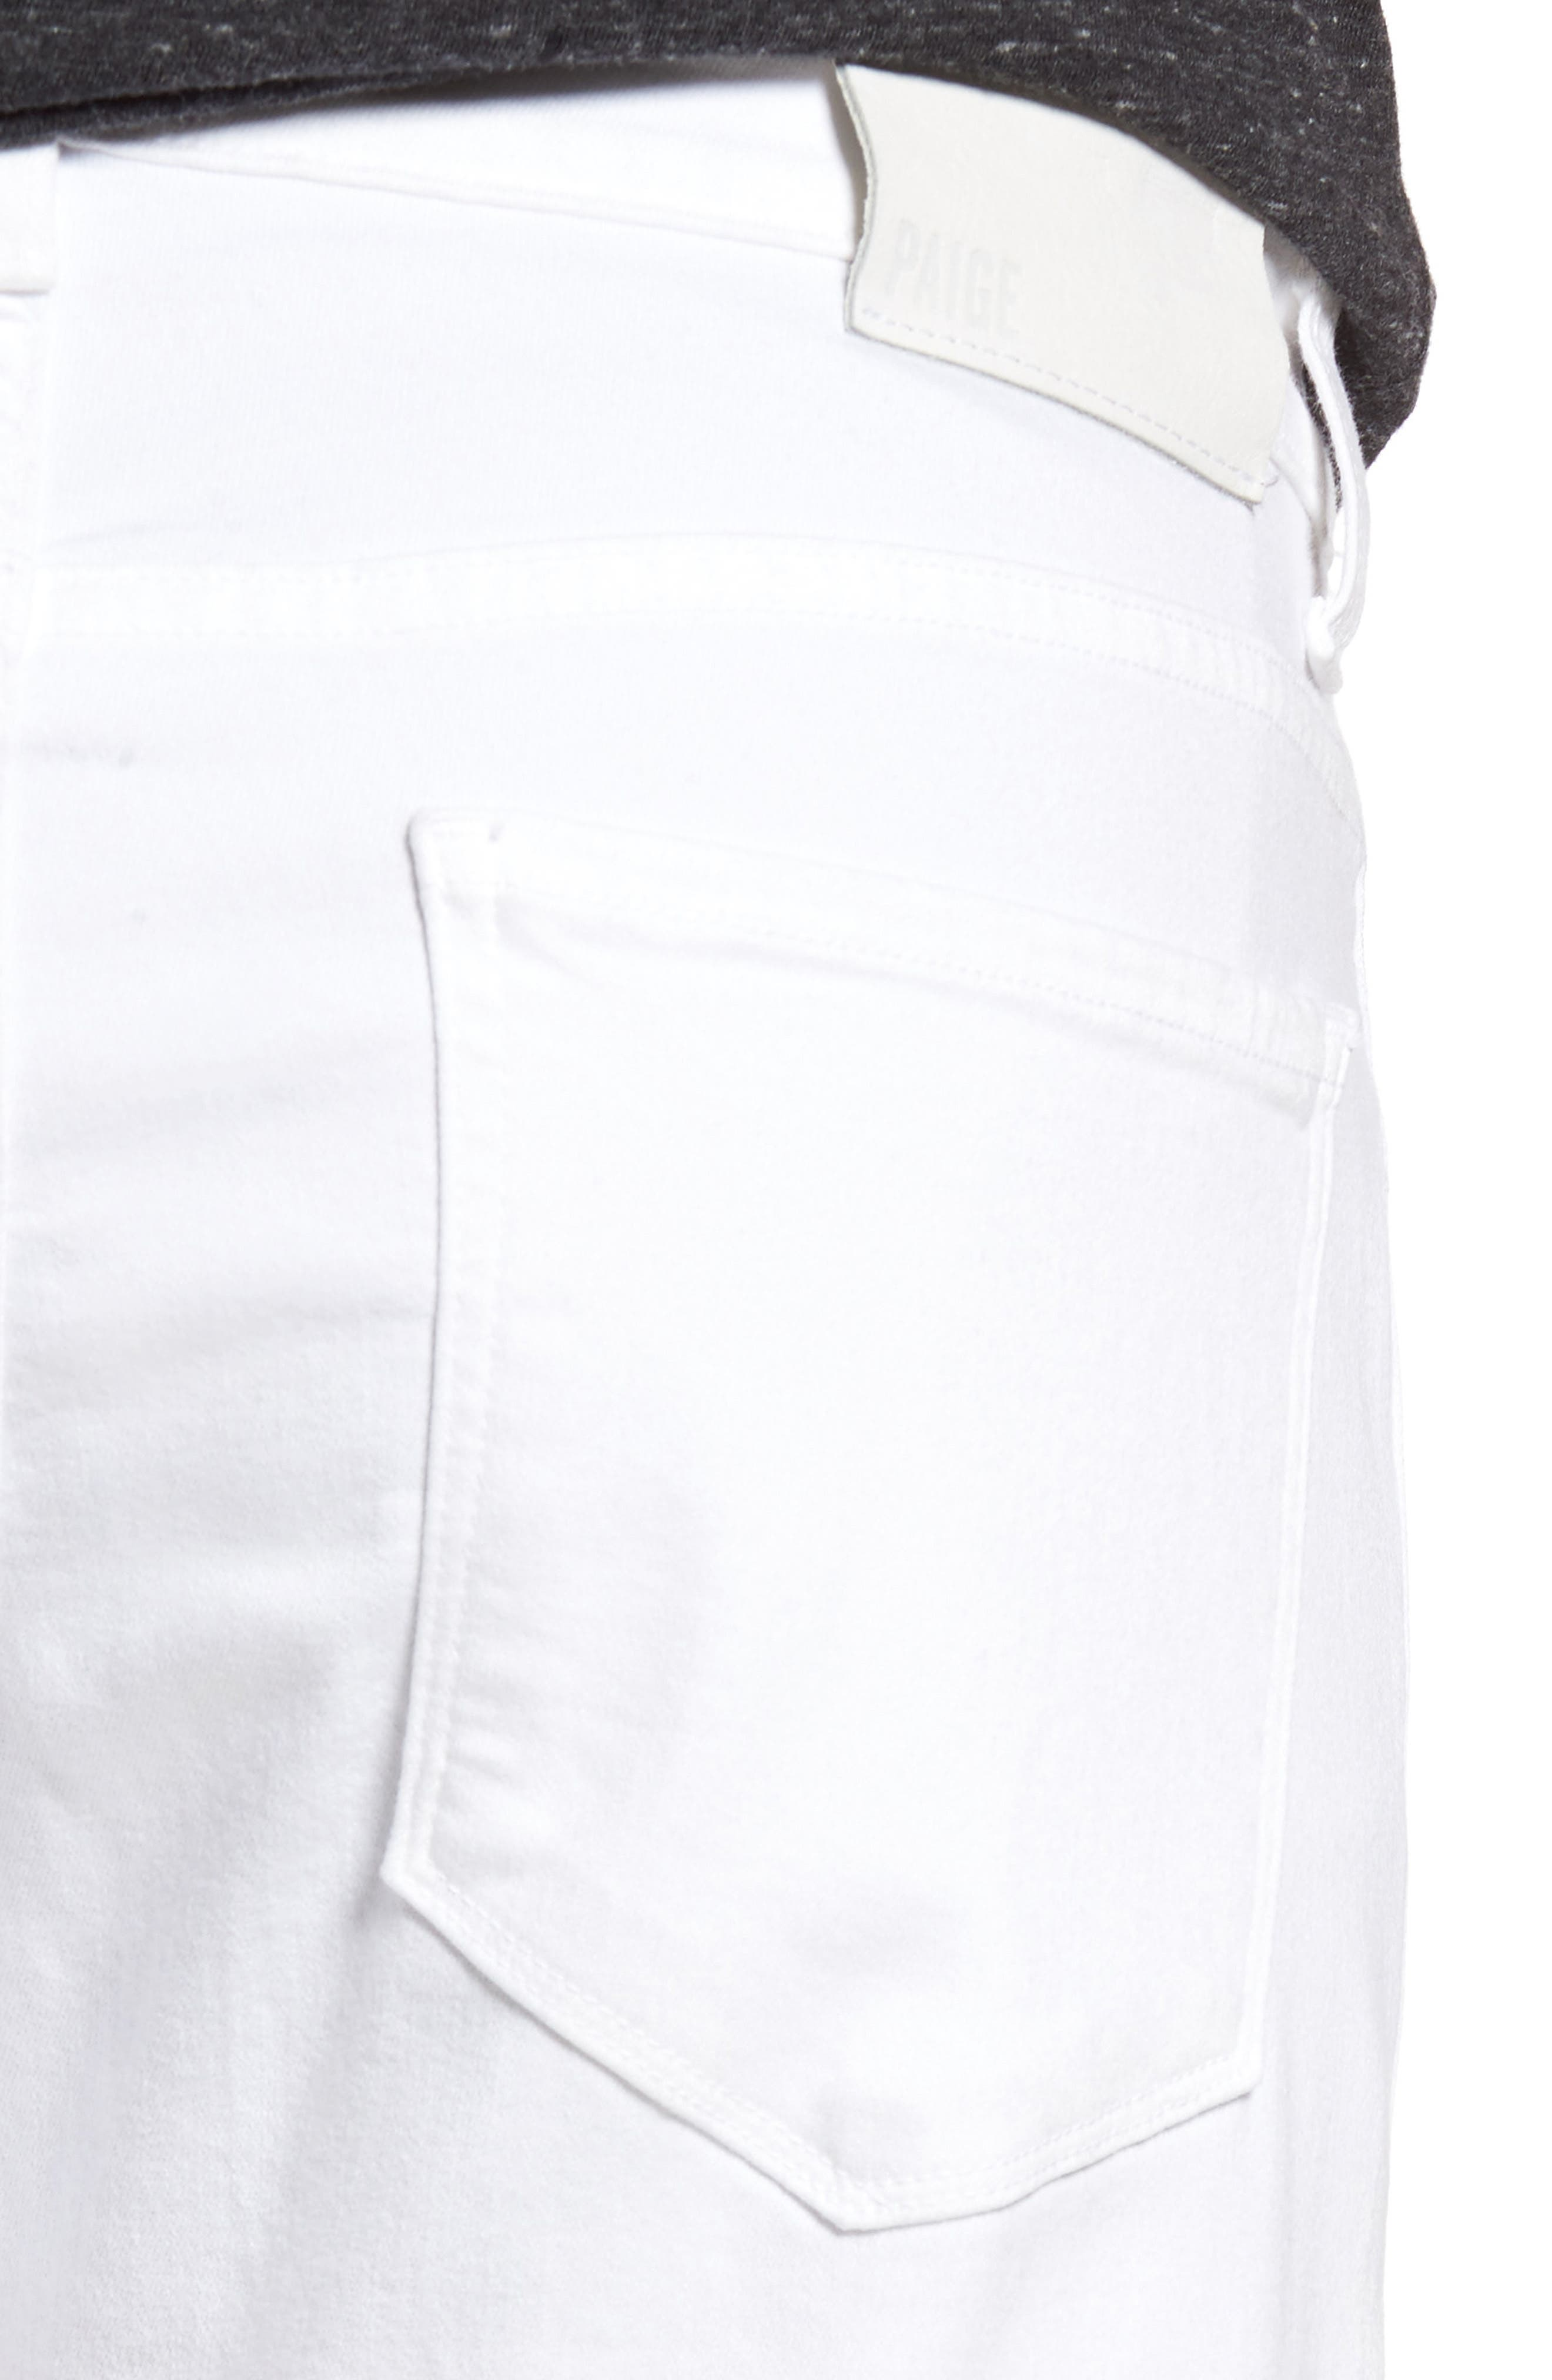 PAIGE, Transcend - Lennox Slim Fit Jeans, Alternate thumbnail 5, color, ICECAP